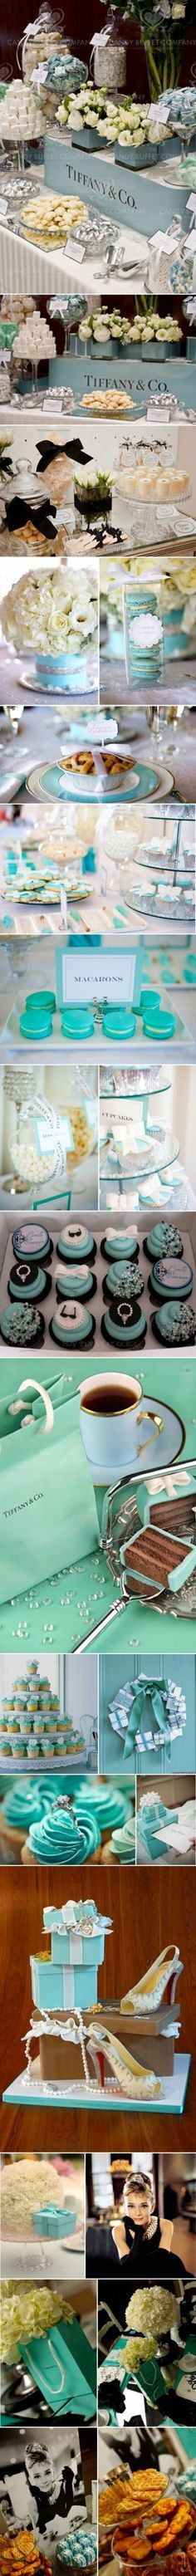 Deliciosos pasteles de boda únicos                                                                                                                                                      Más